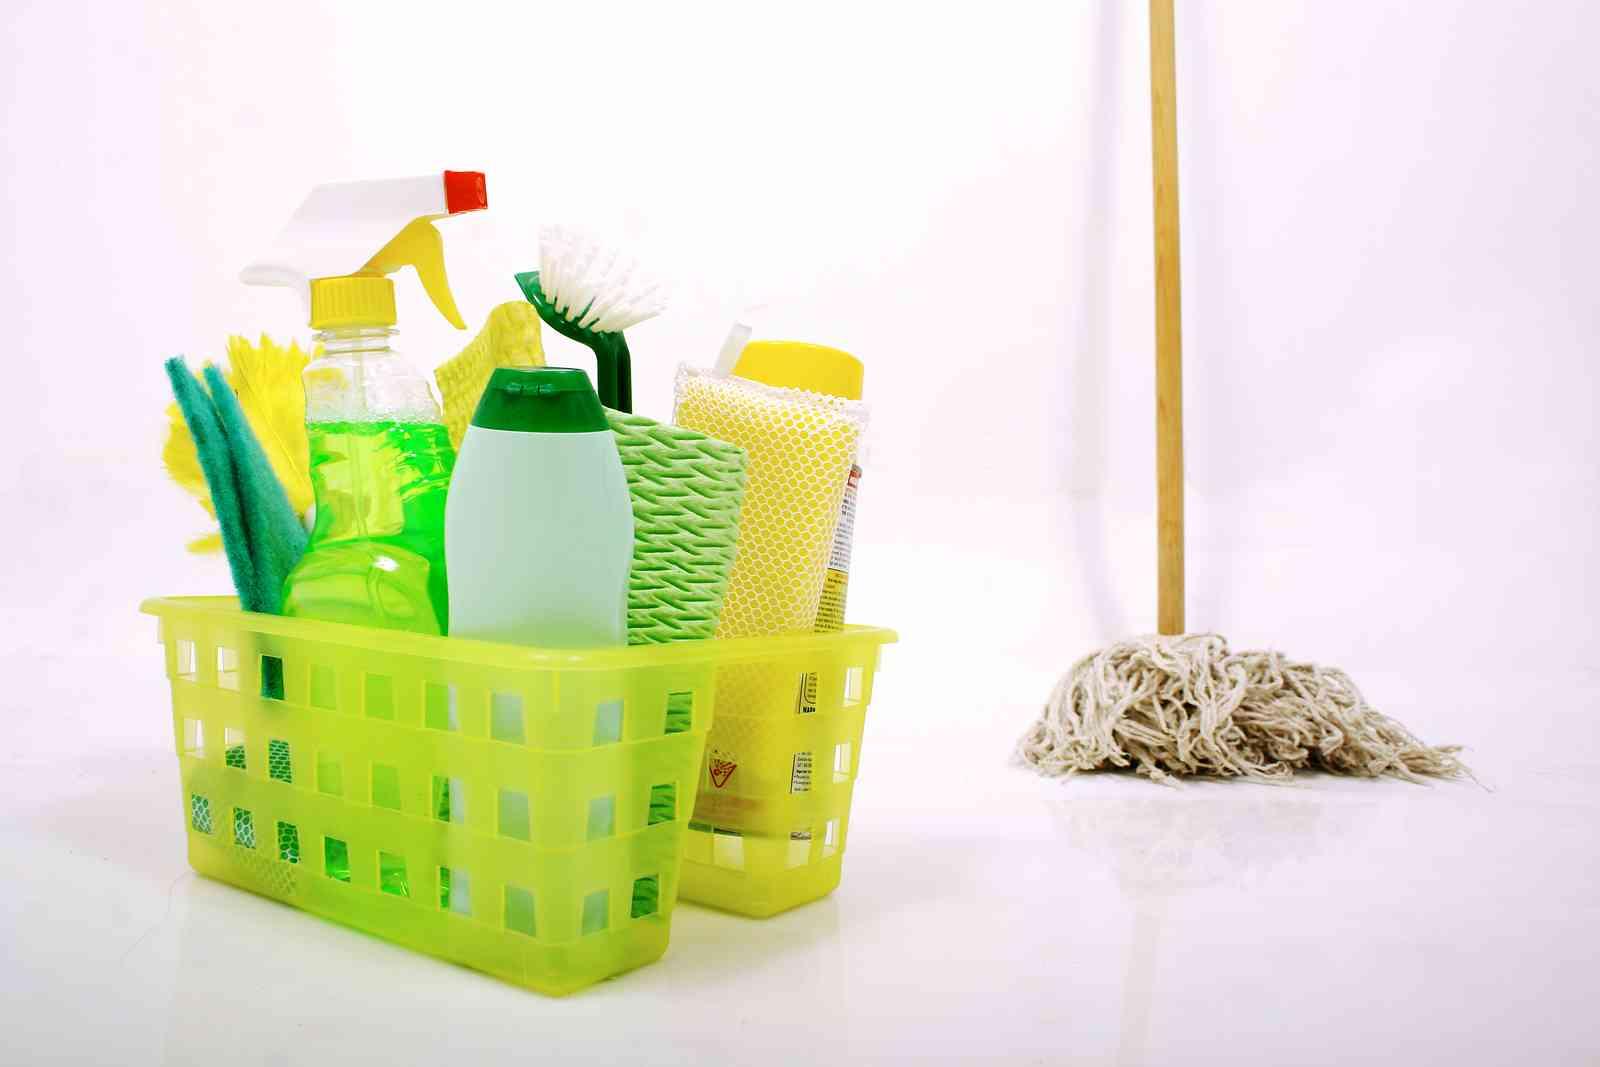 Productos de limpieza ecol gicos como limpiar alfombras - Limpieza casera de alfombras ...